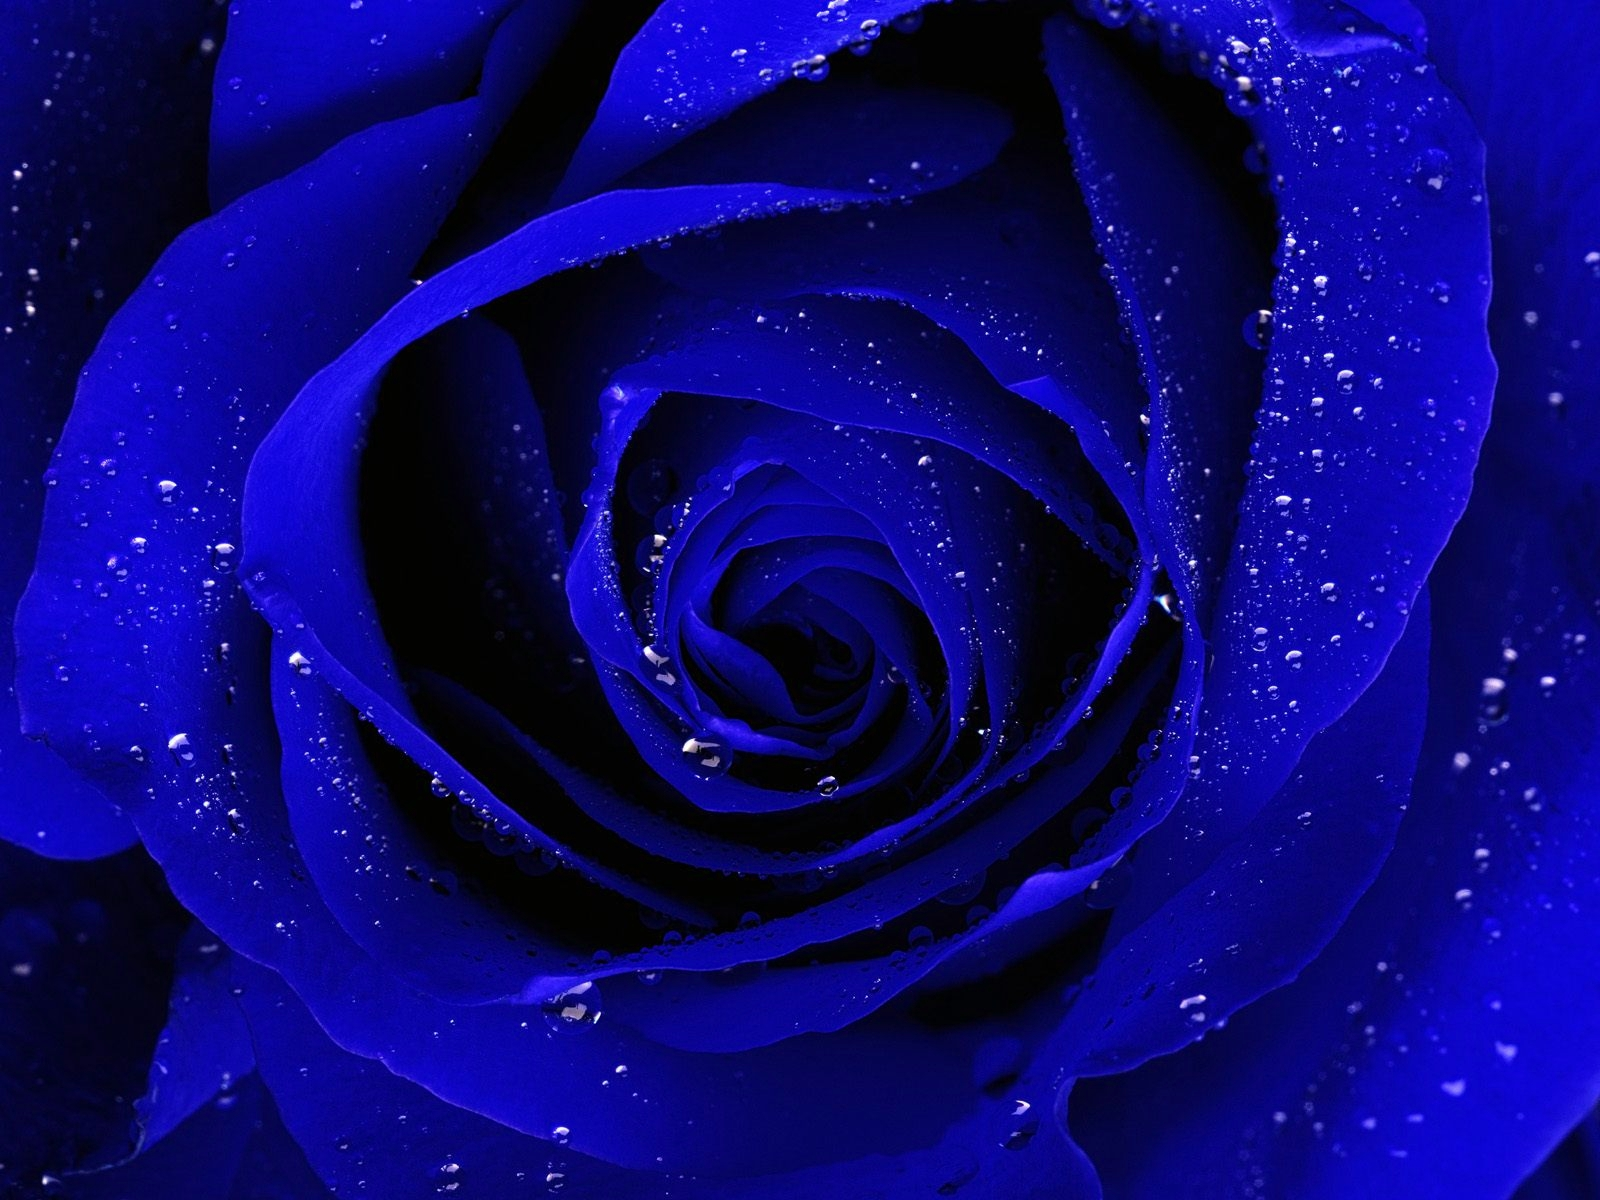 Blue Rose Desktop Wallpaper Blue Rose Images Cool 1600x1200